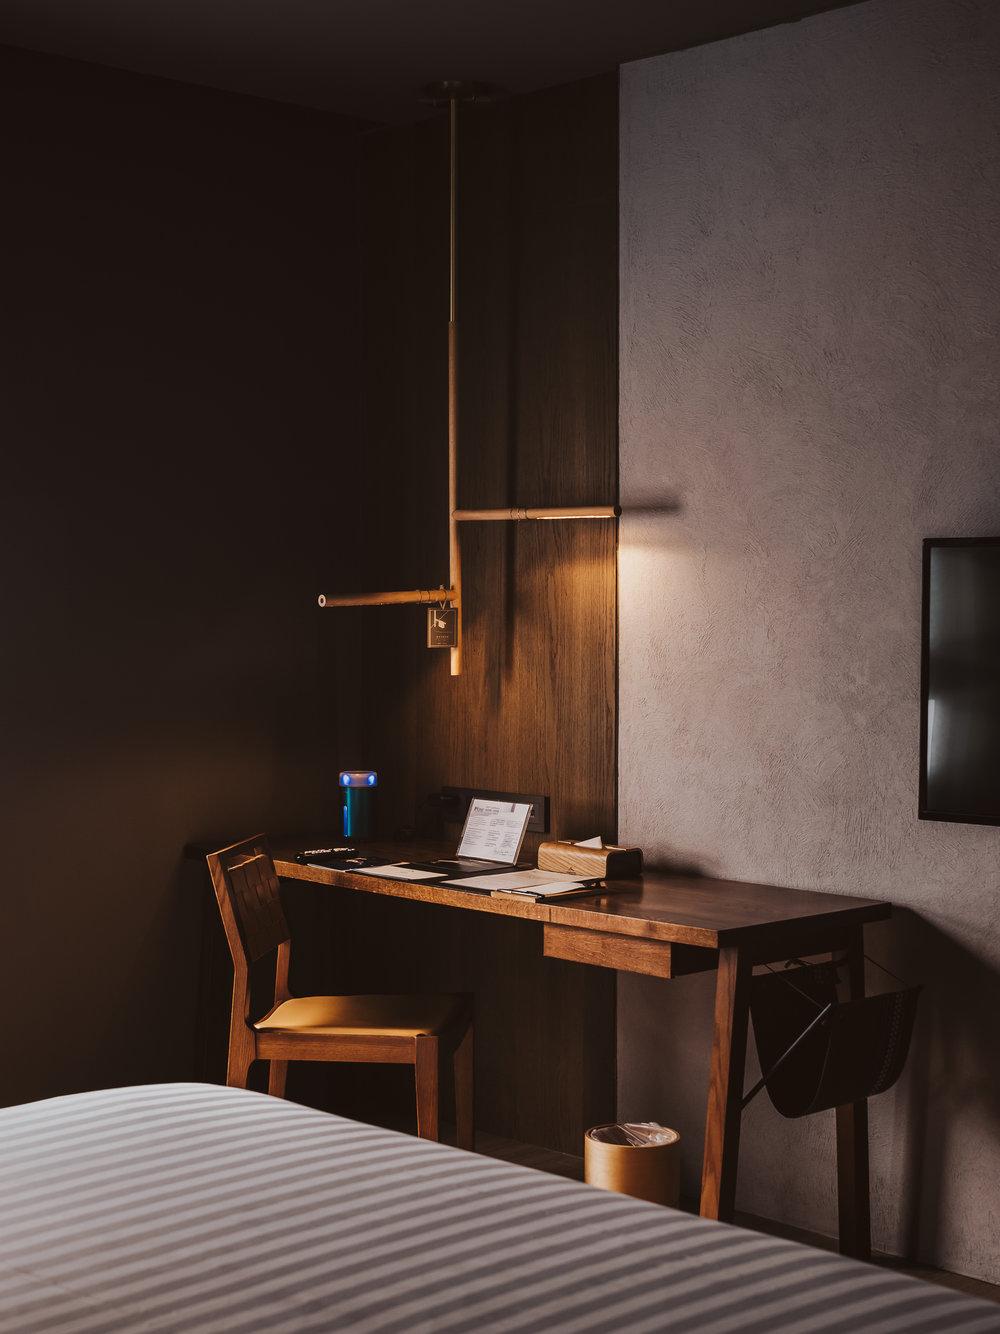 Home Hotel Da-An Interior Photography - Olympus EM1Markii 2512 - Yes! Please Enjoy-25.jpg